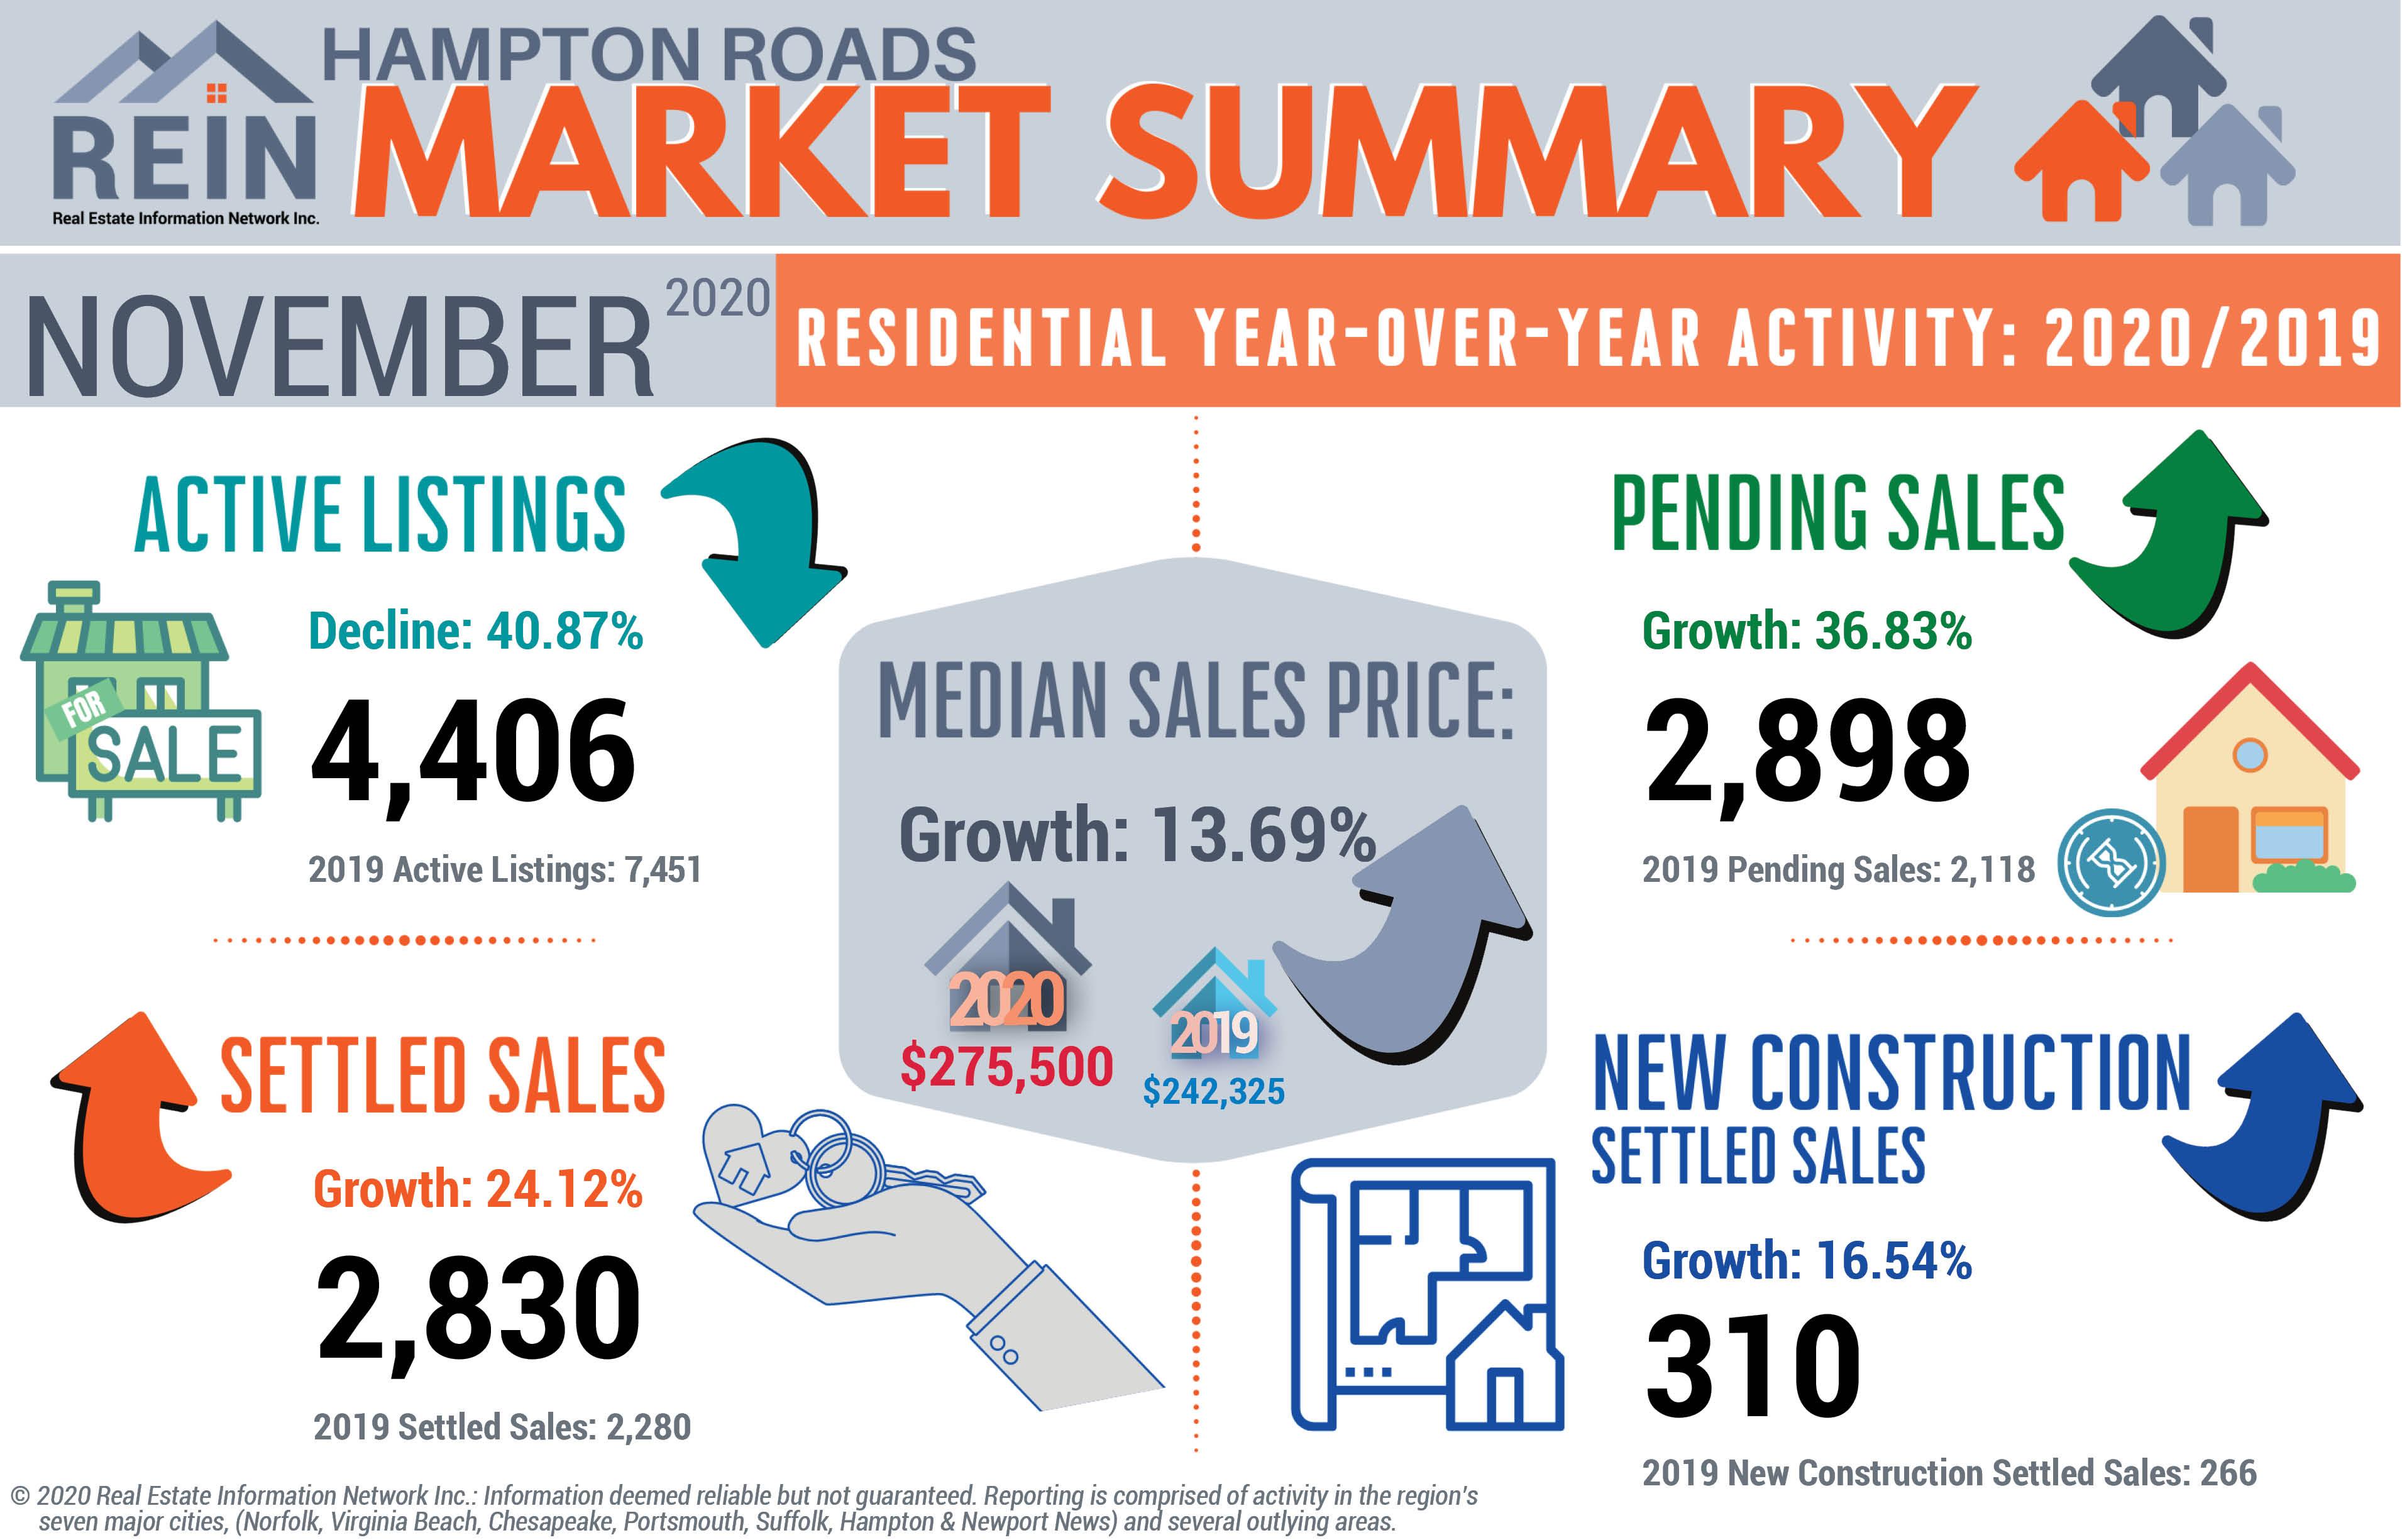 REIN statistics infographic for November 2020